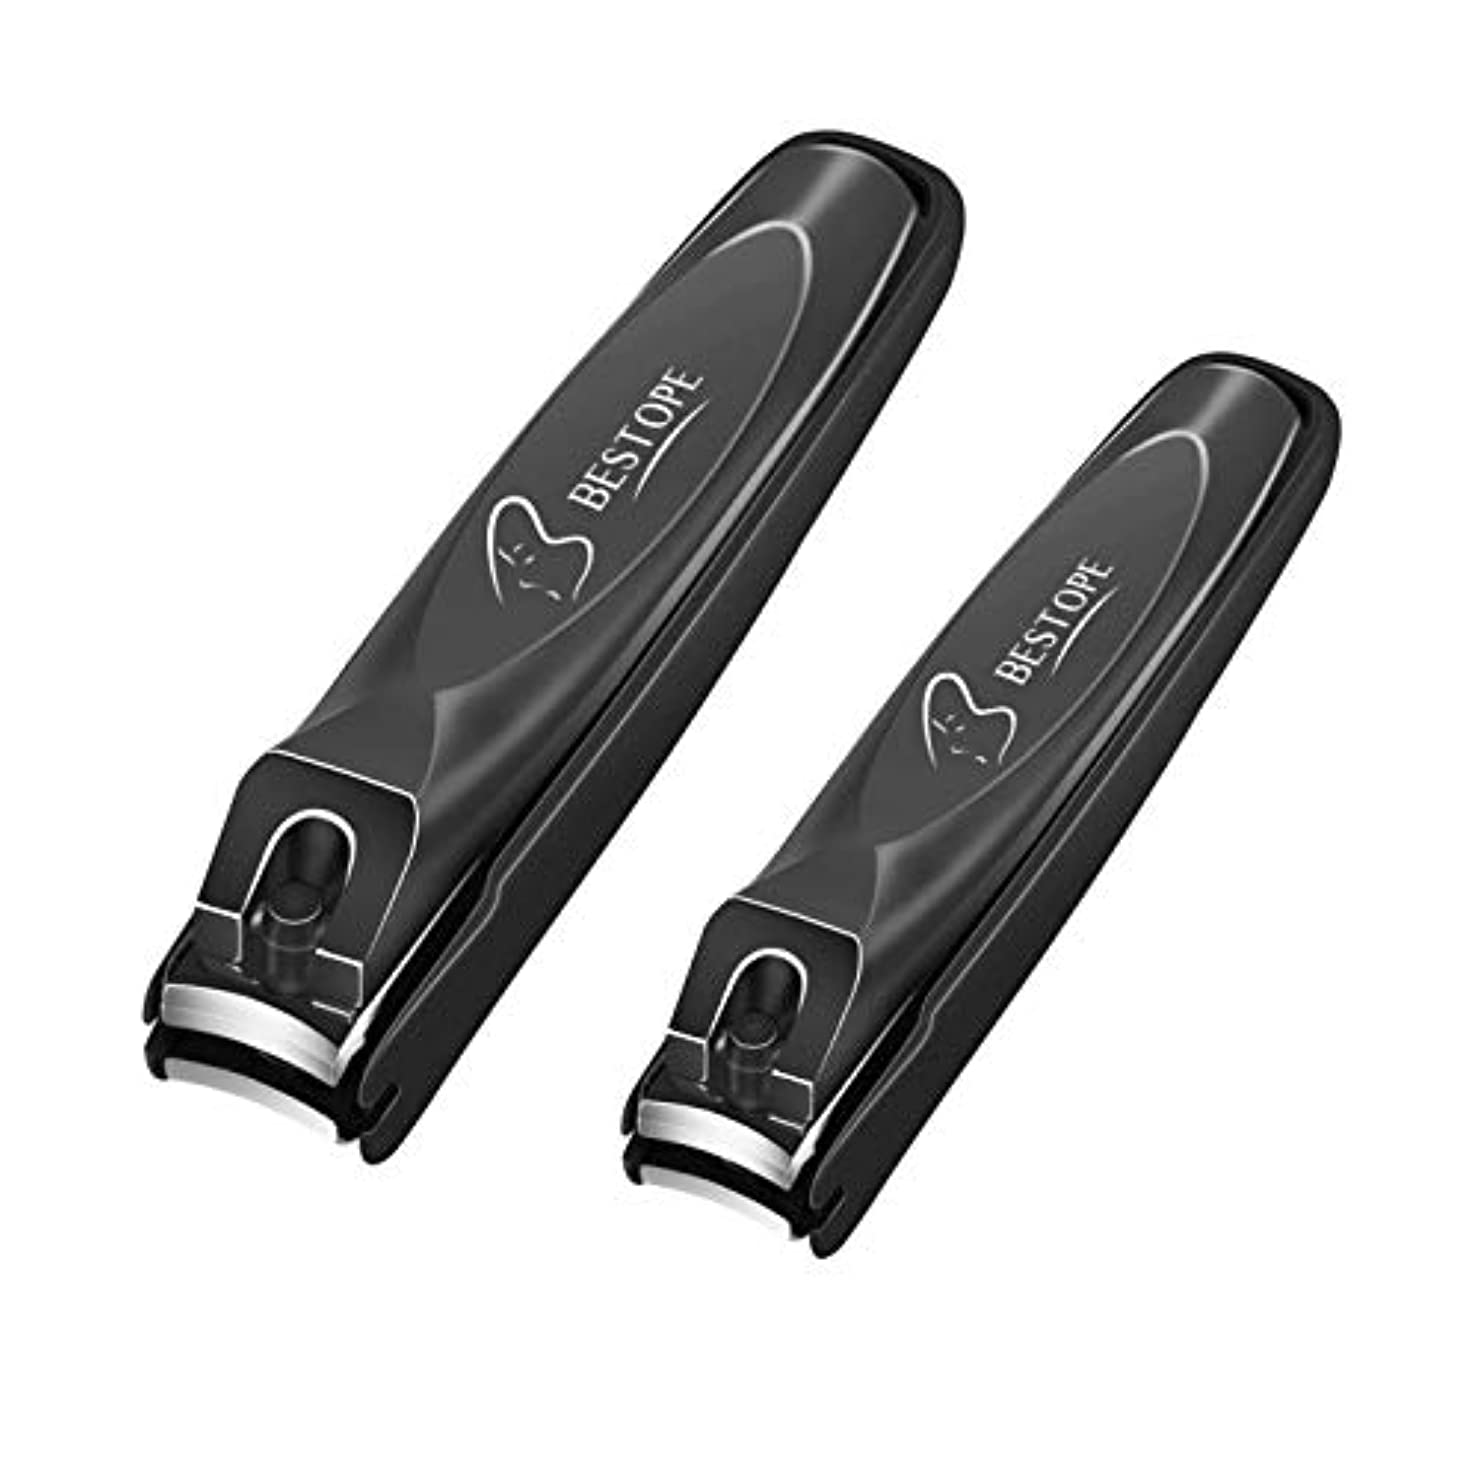 かかわらず上回るクレタBESTOPE 爪切り カバー付き ステンレス鋼製 爪やすり付き 飛び散り防止 手足用 2本セット